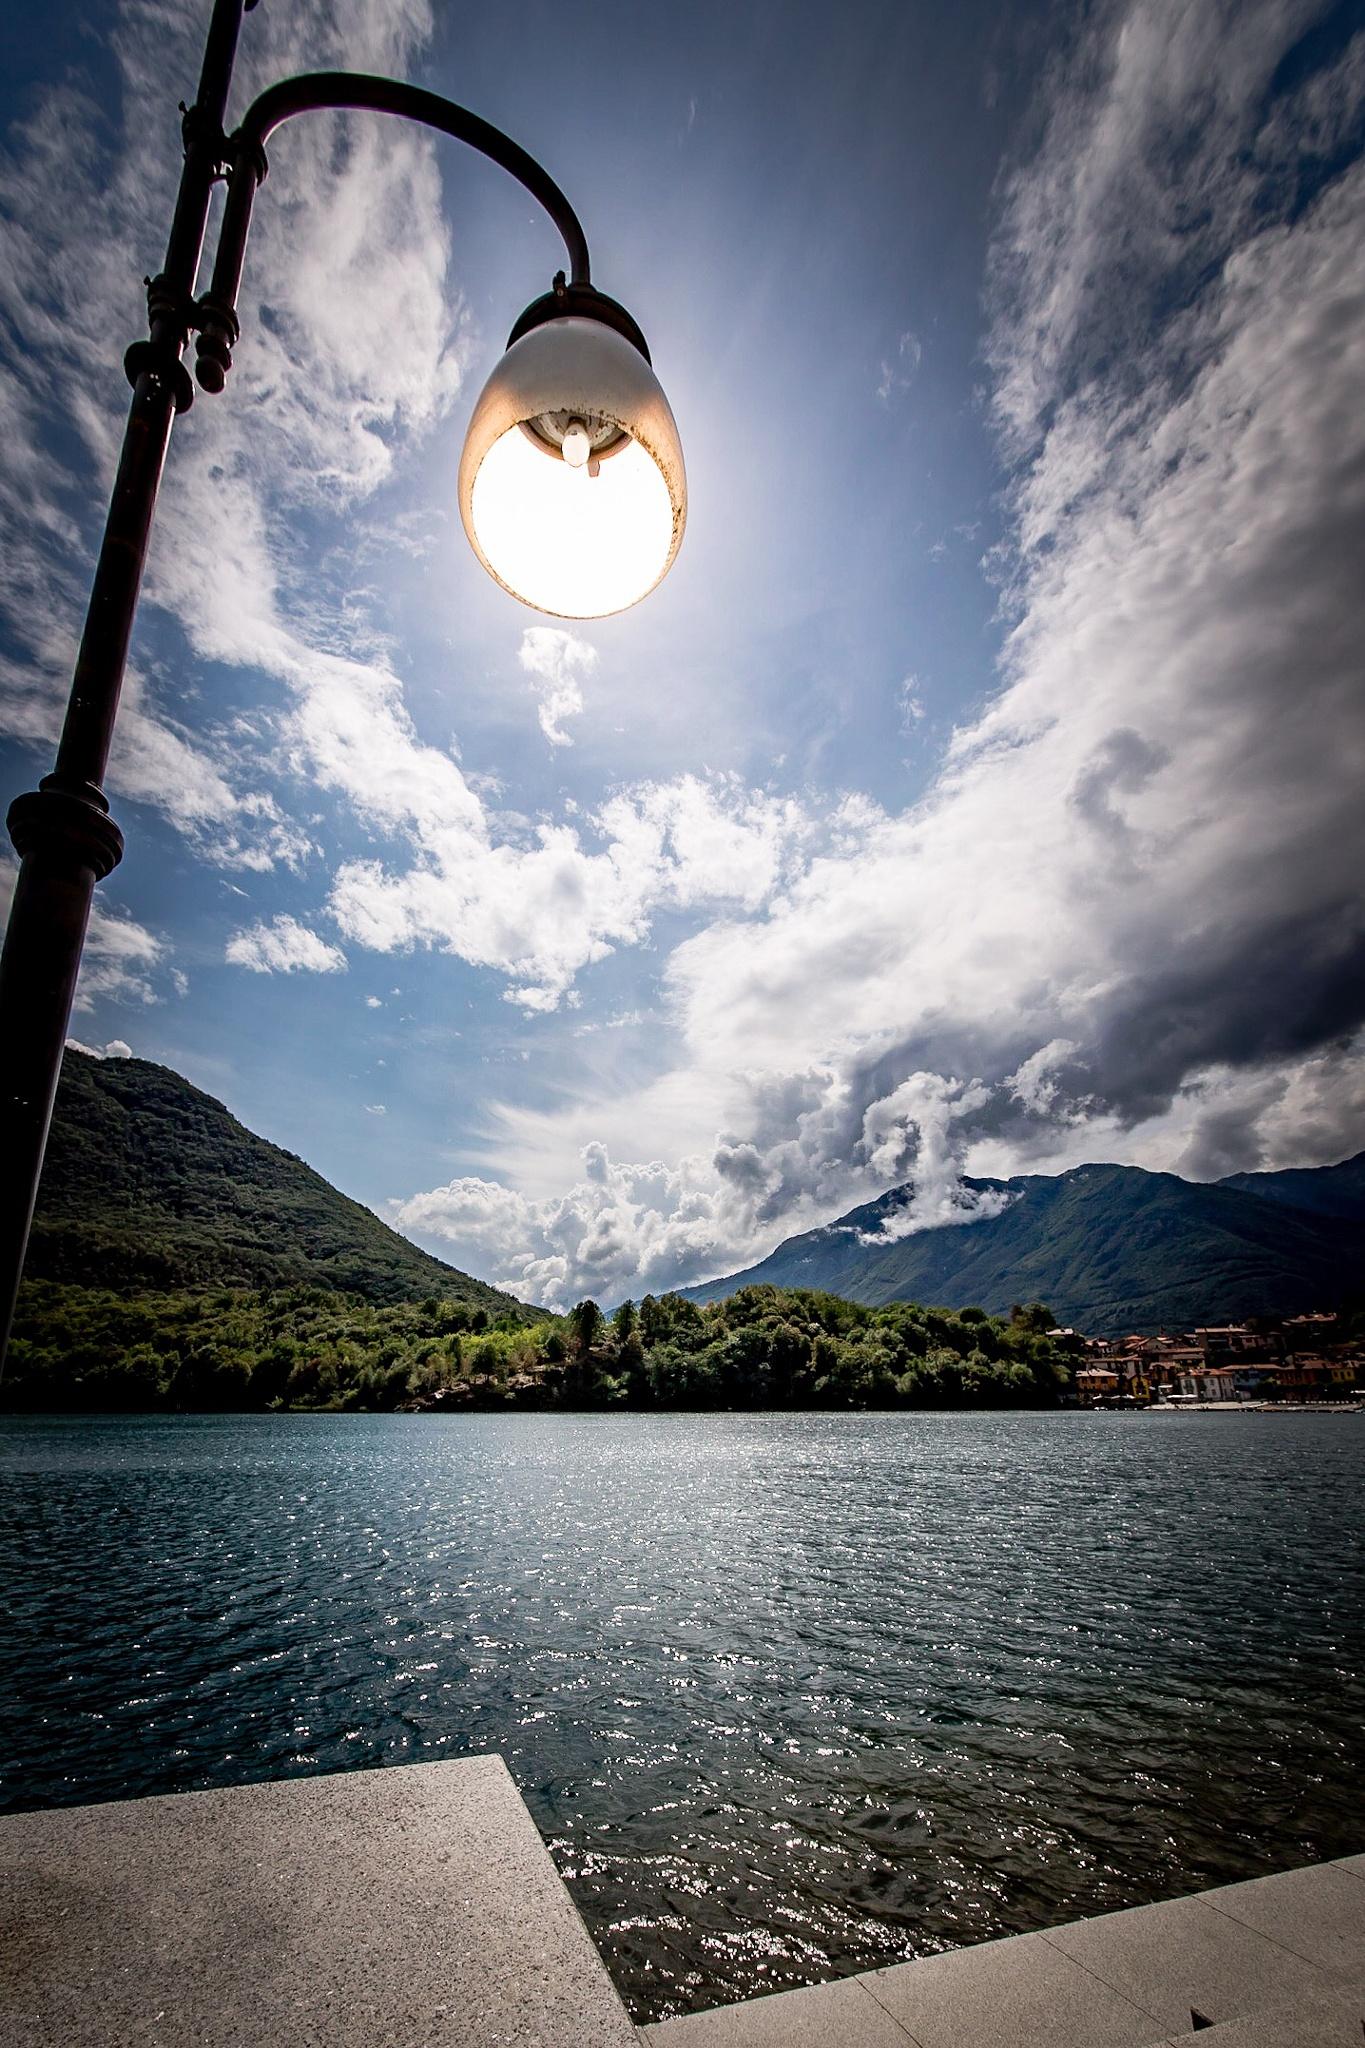 sun or lamp? ;) by Alessio Coluccio